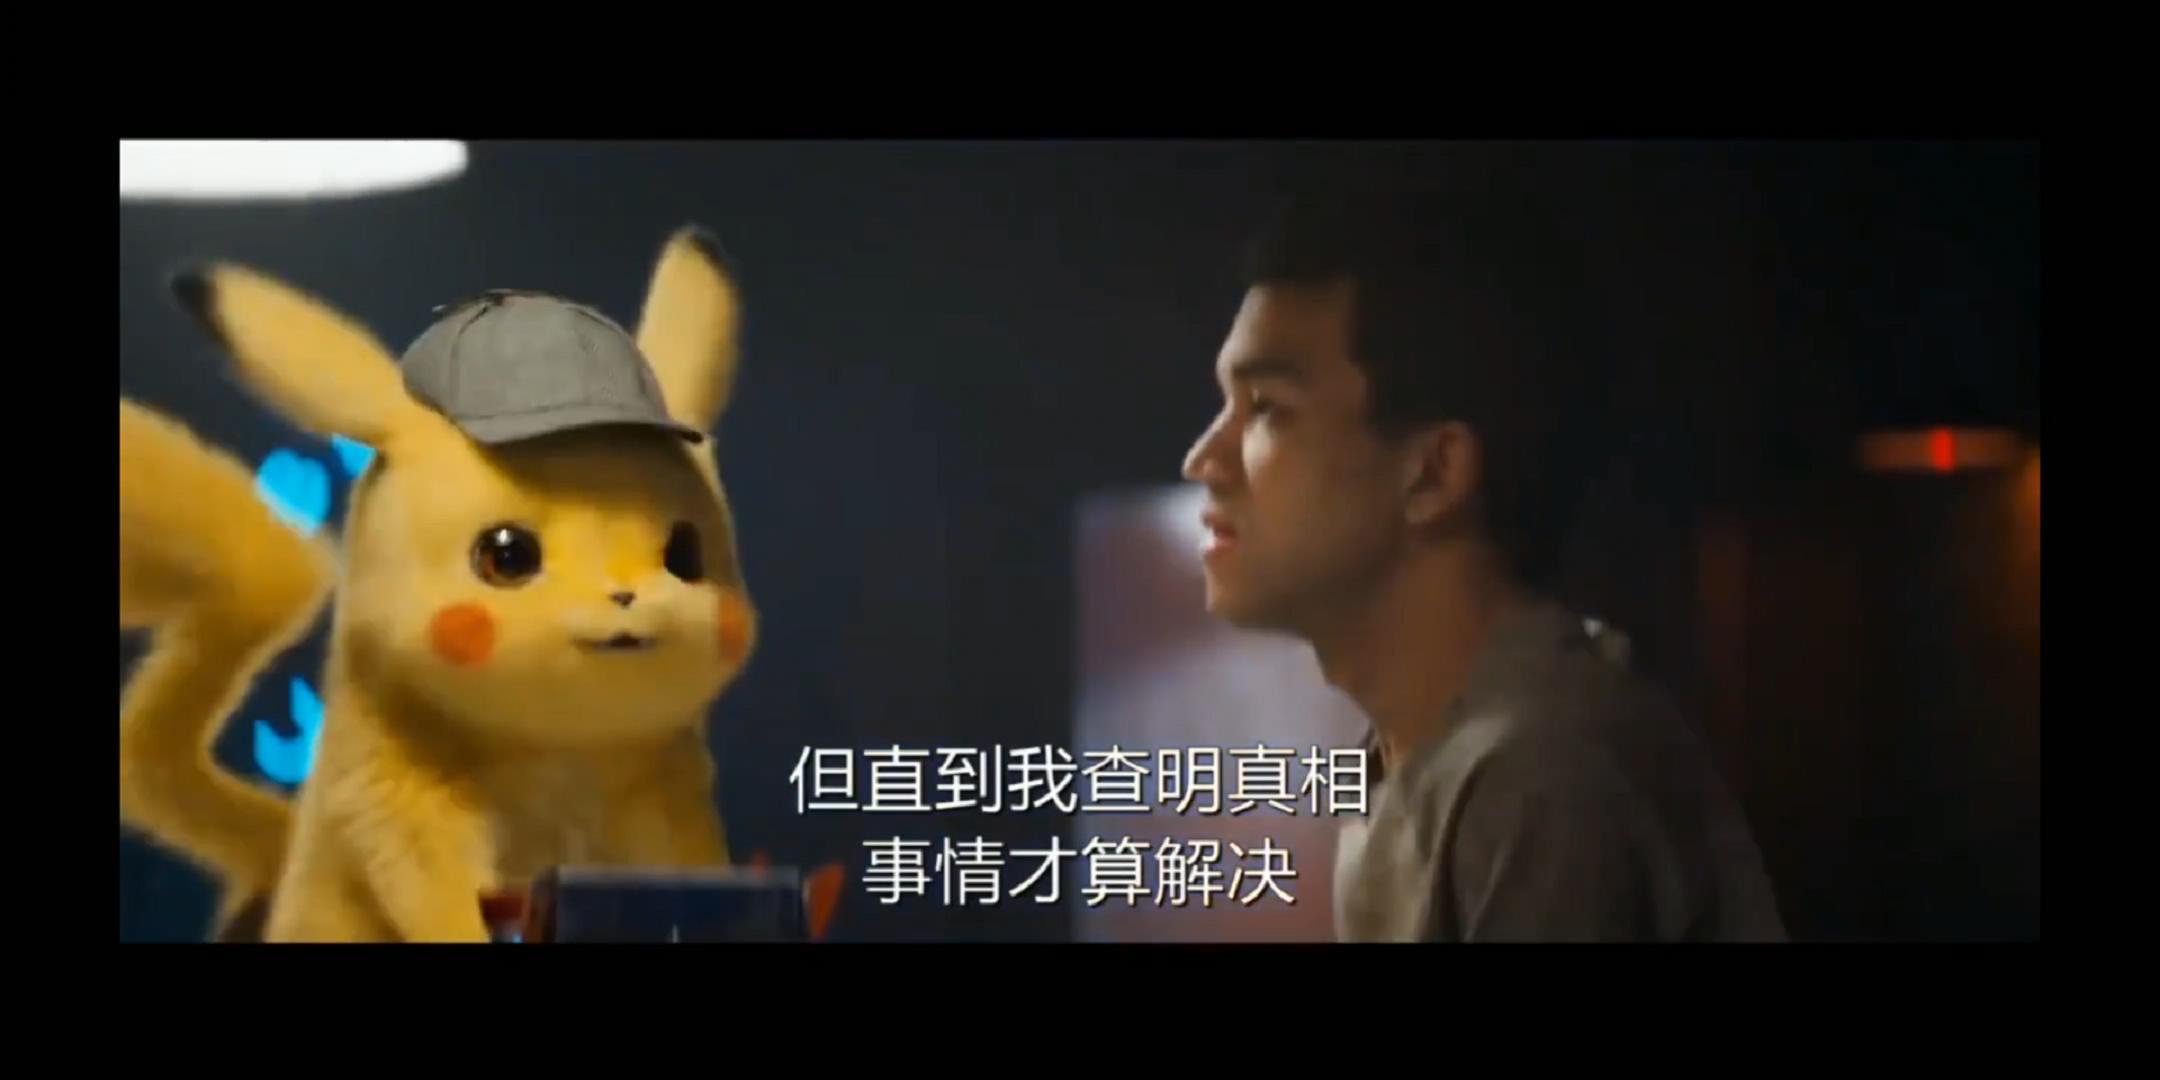 大侦探皮卡丘,皮卡丘真人版,侦探皮卡丘电影